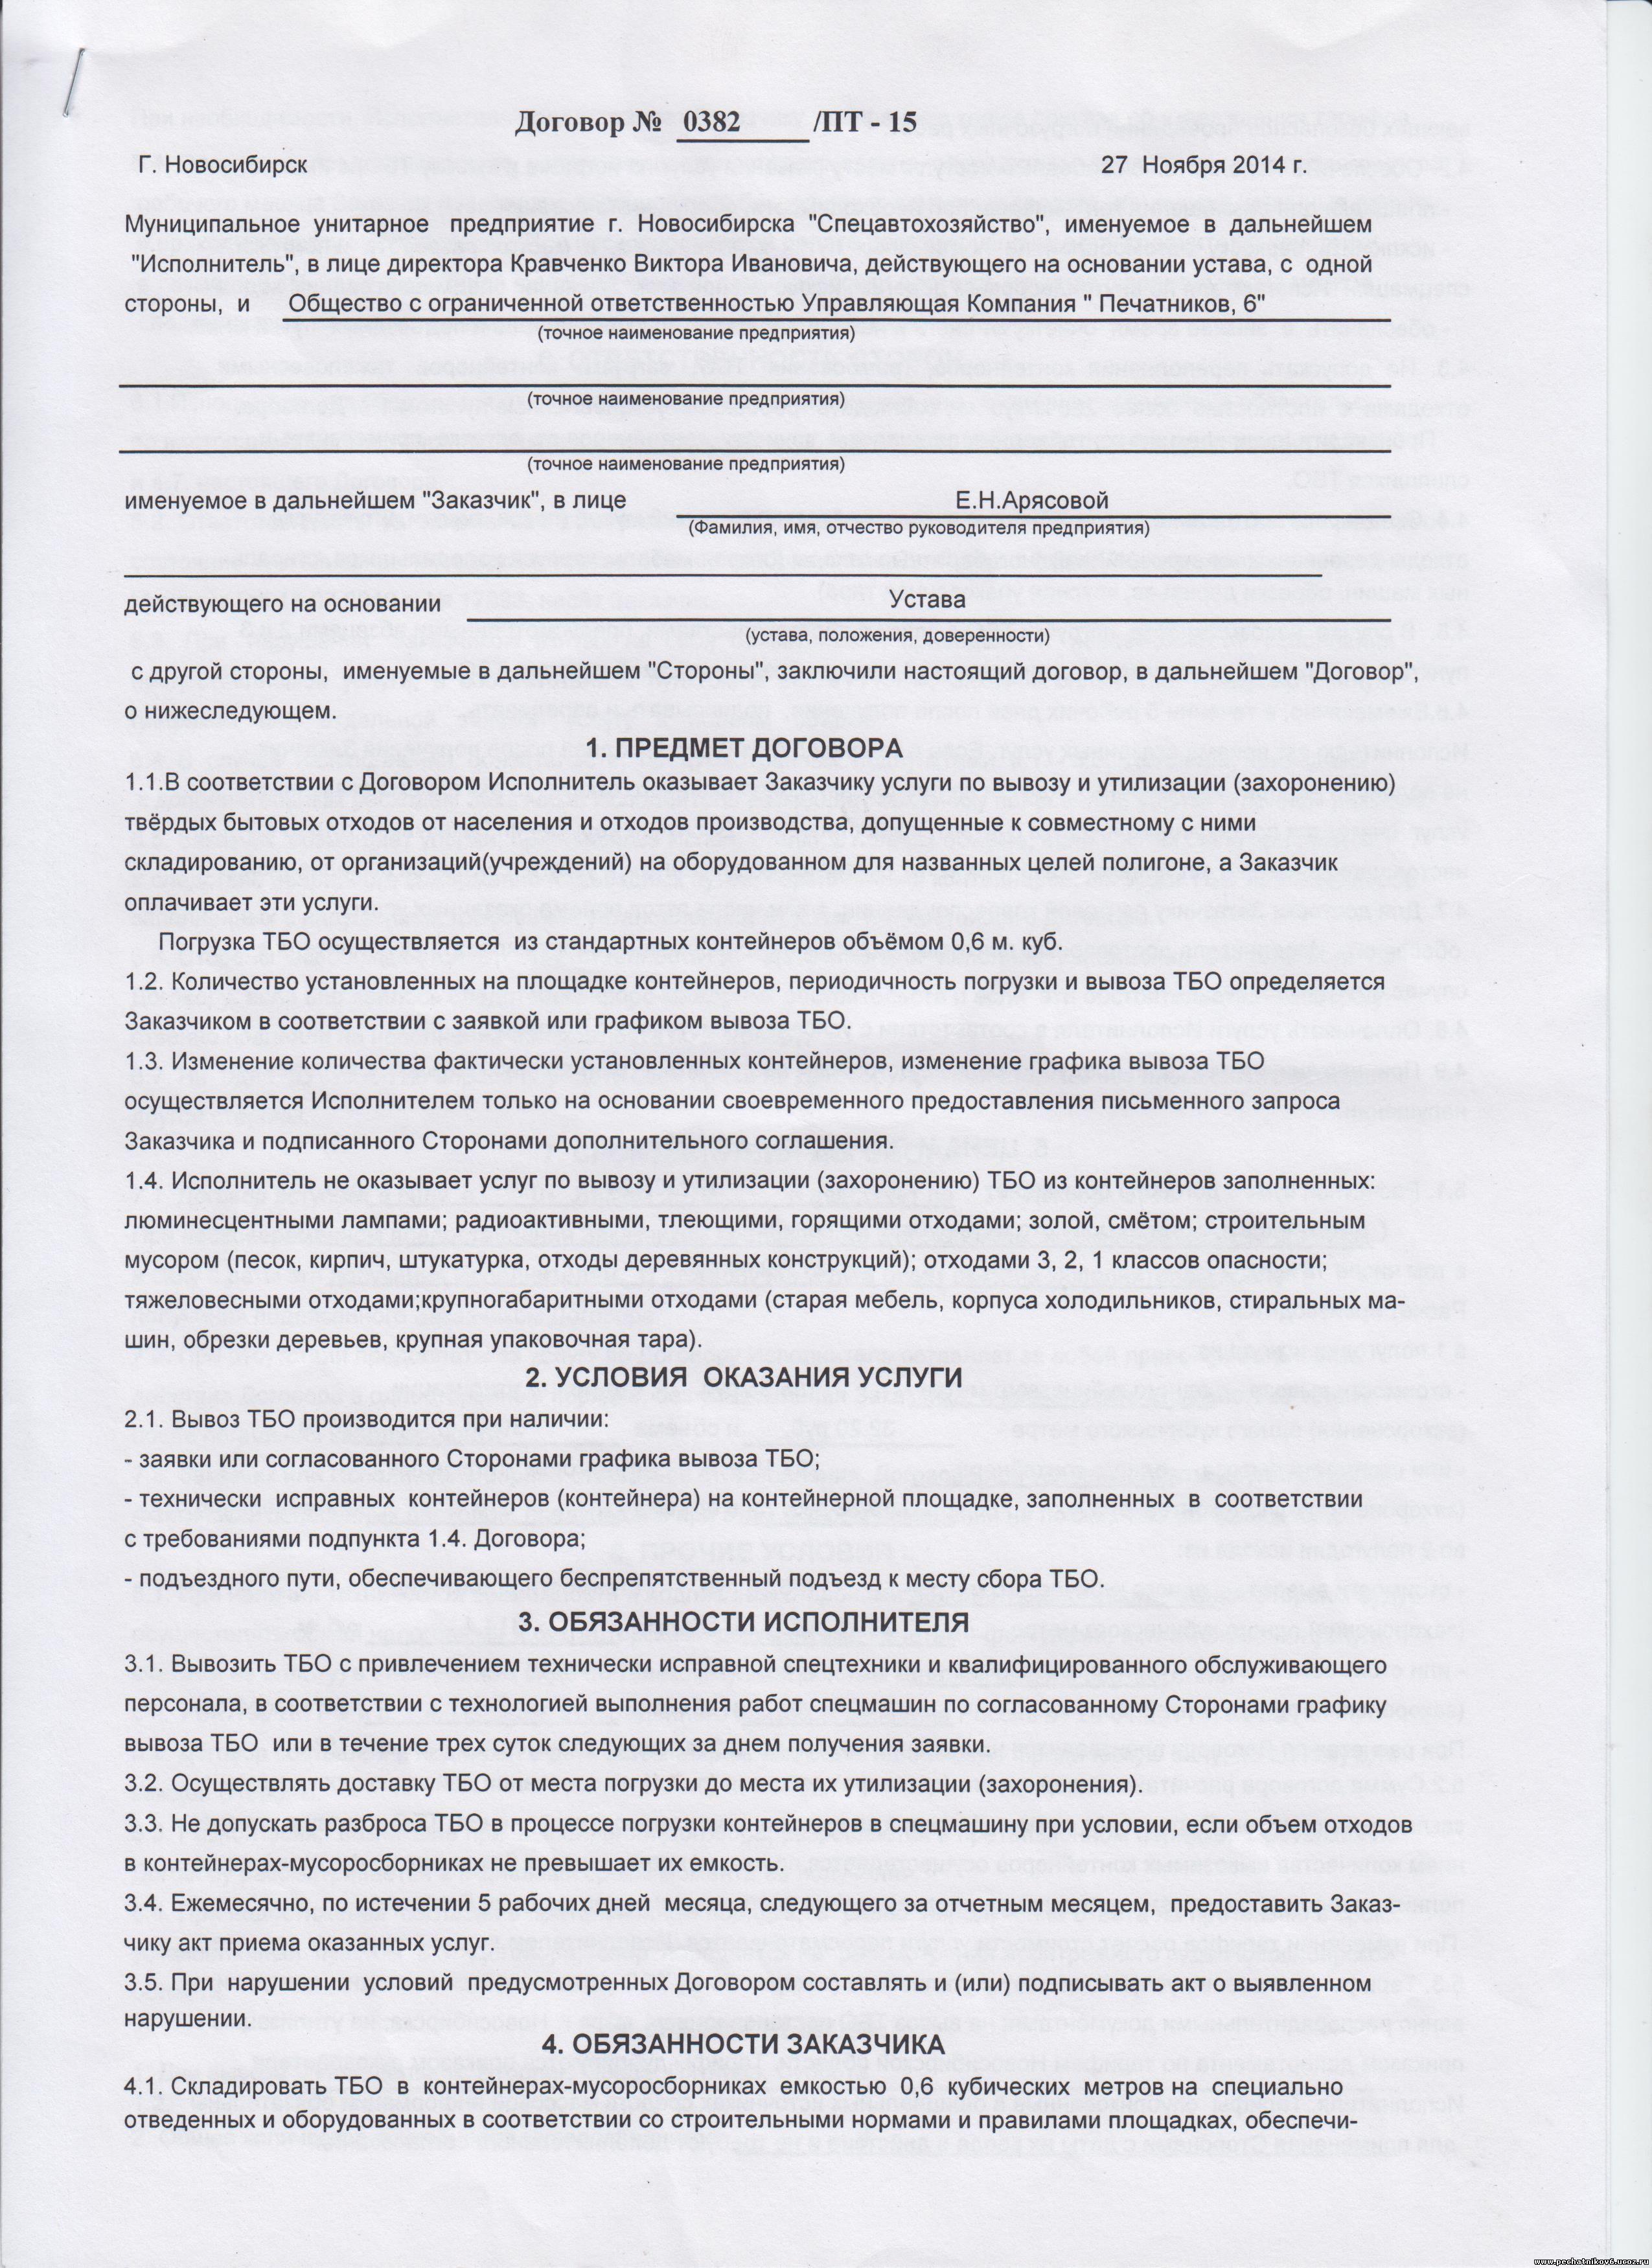 Образец должностной инструкции слесаря сантехника